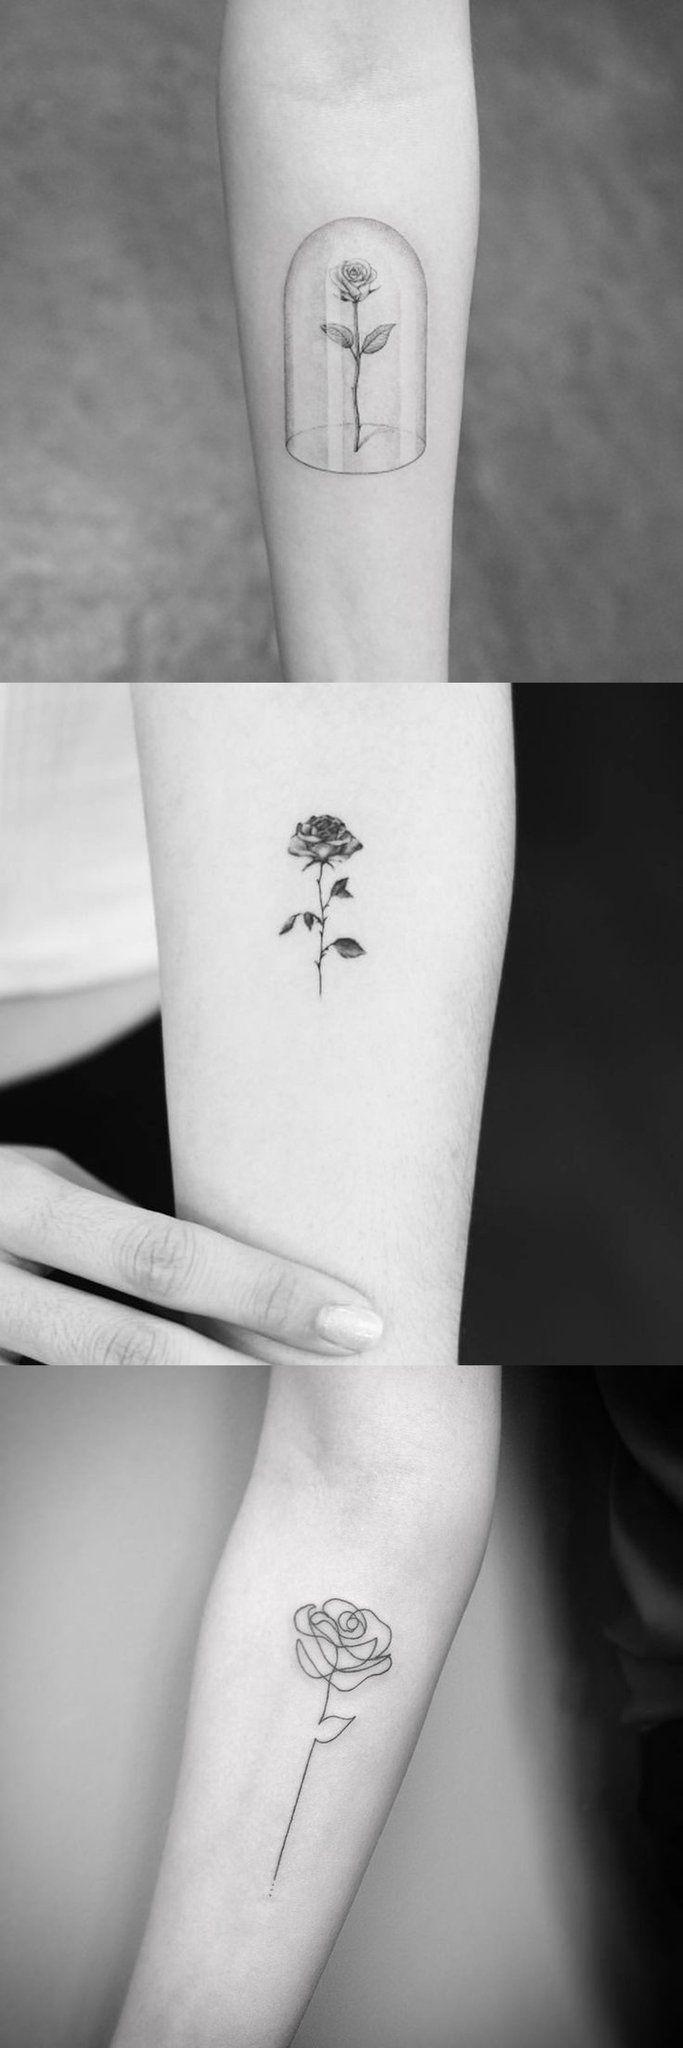 best 25+ rose wrist tattoos ideas on pinterest | rose tattoo on